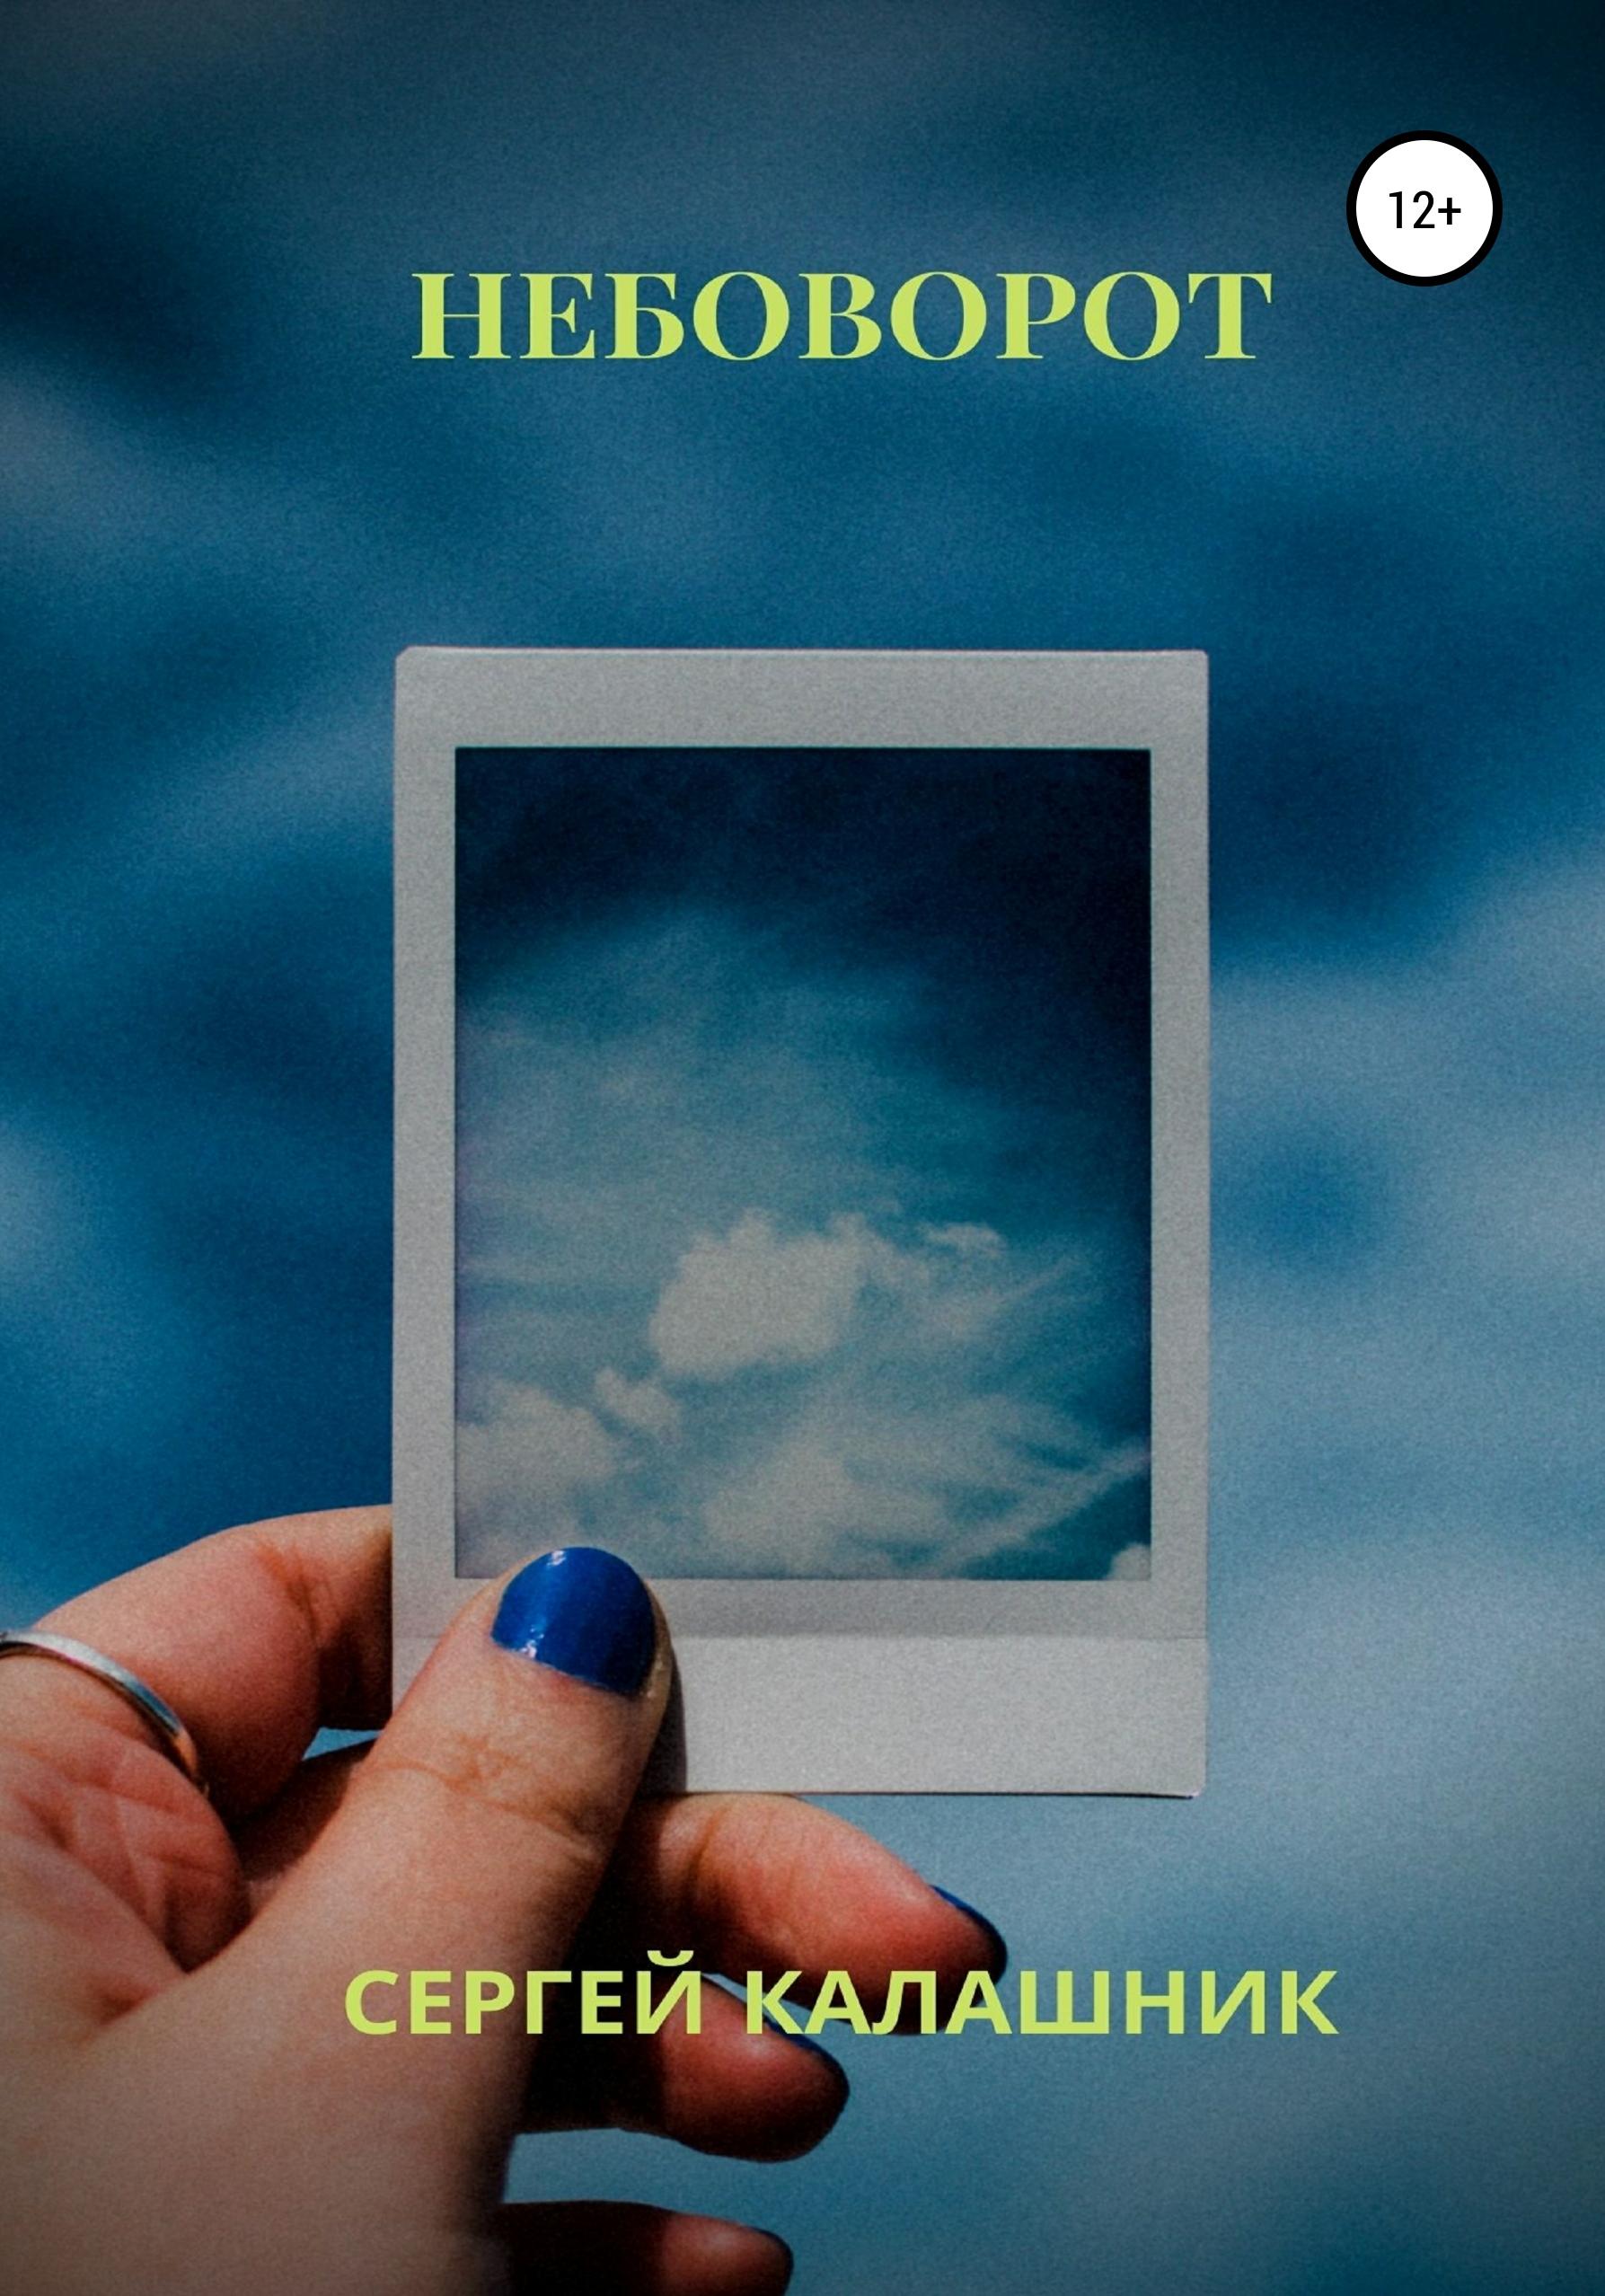 Купить книгу Небоворот, автора Сергея Николаевича Калашника